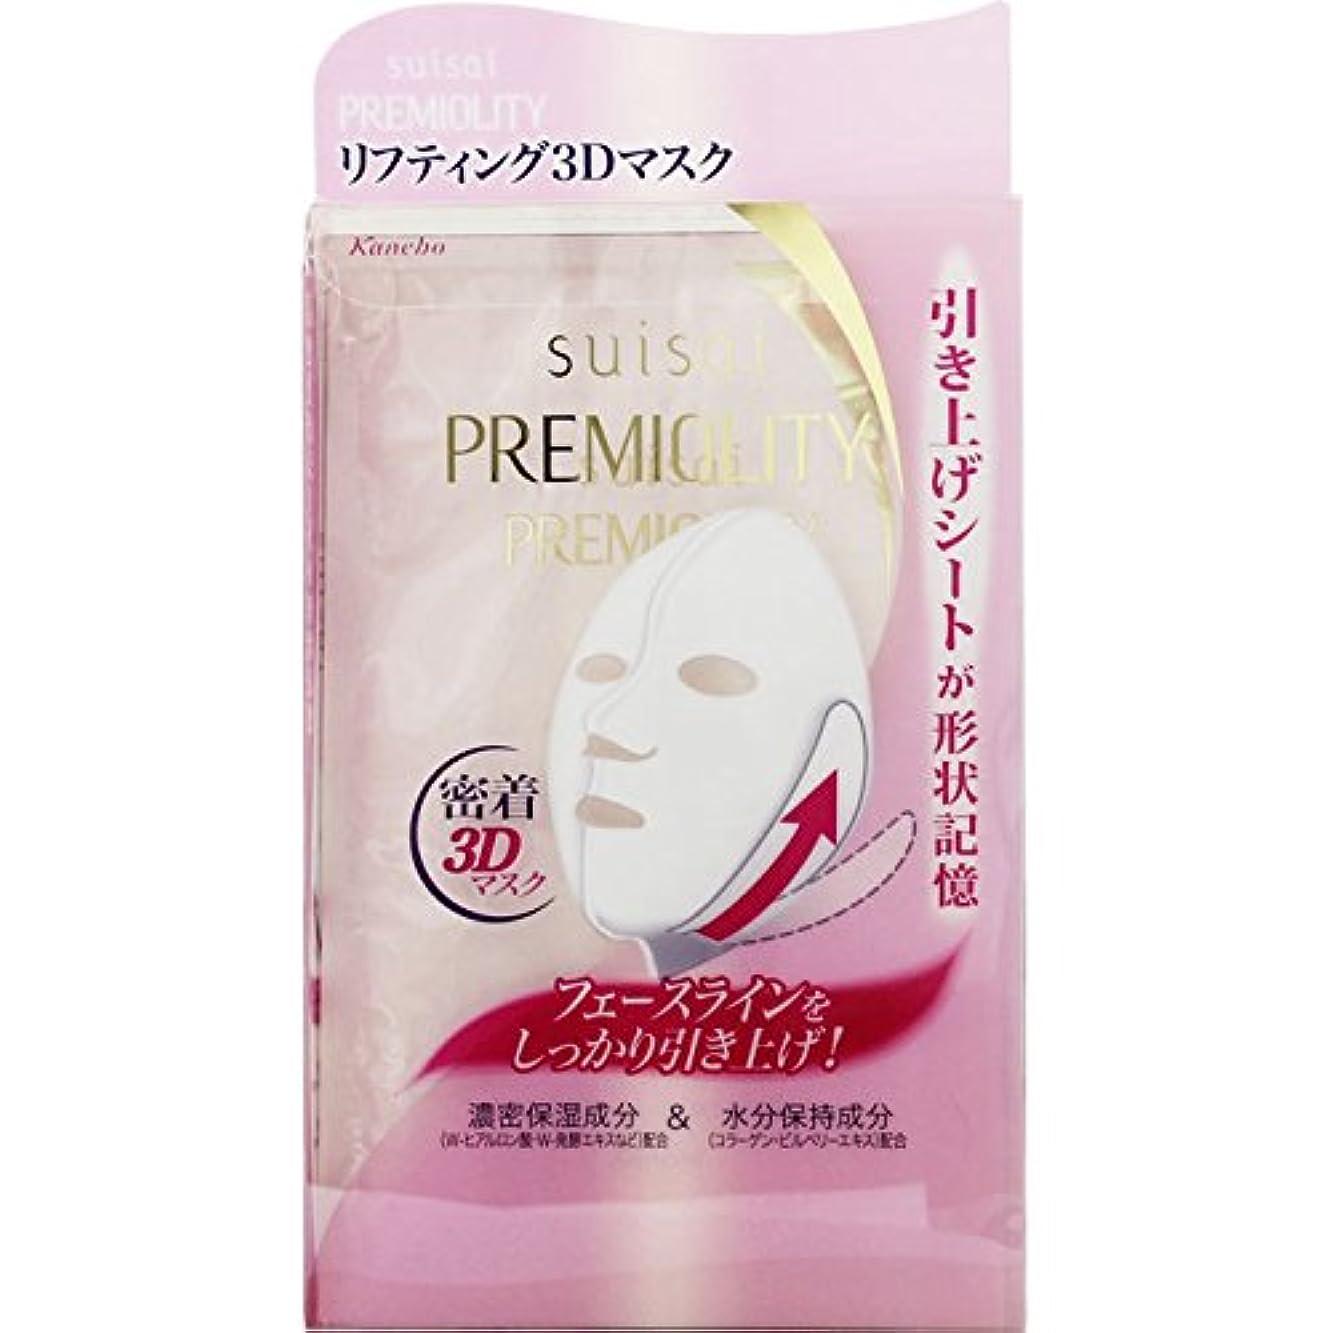 思想忠実に特派員カネボウ suisai プレミオリティ リフトモイスチャー3Dマスク